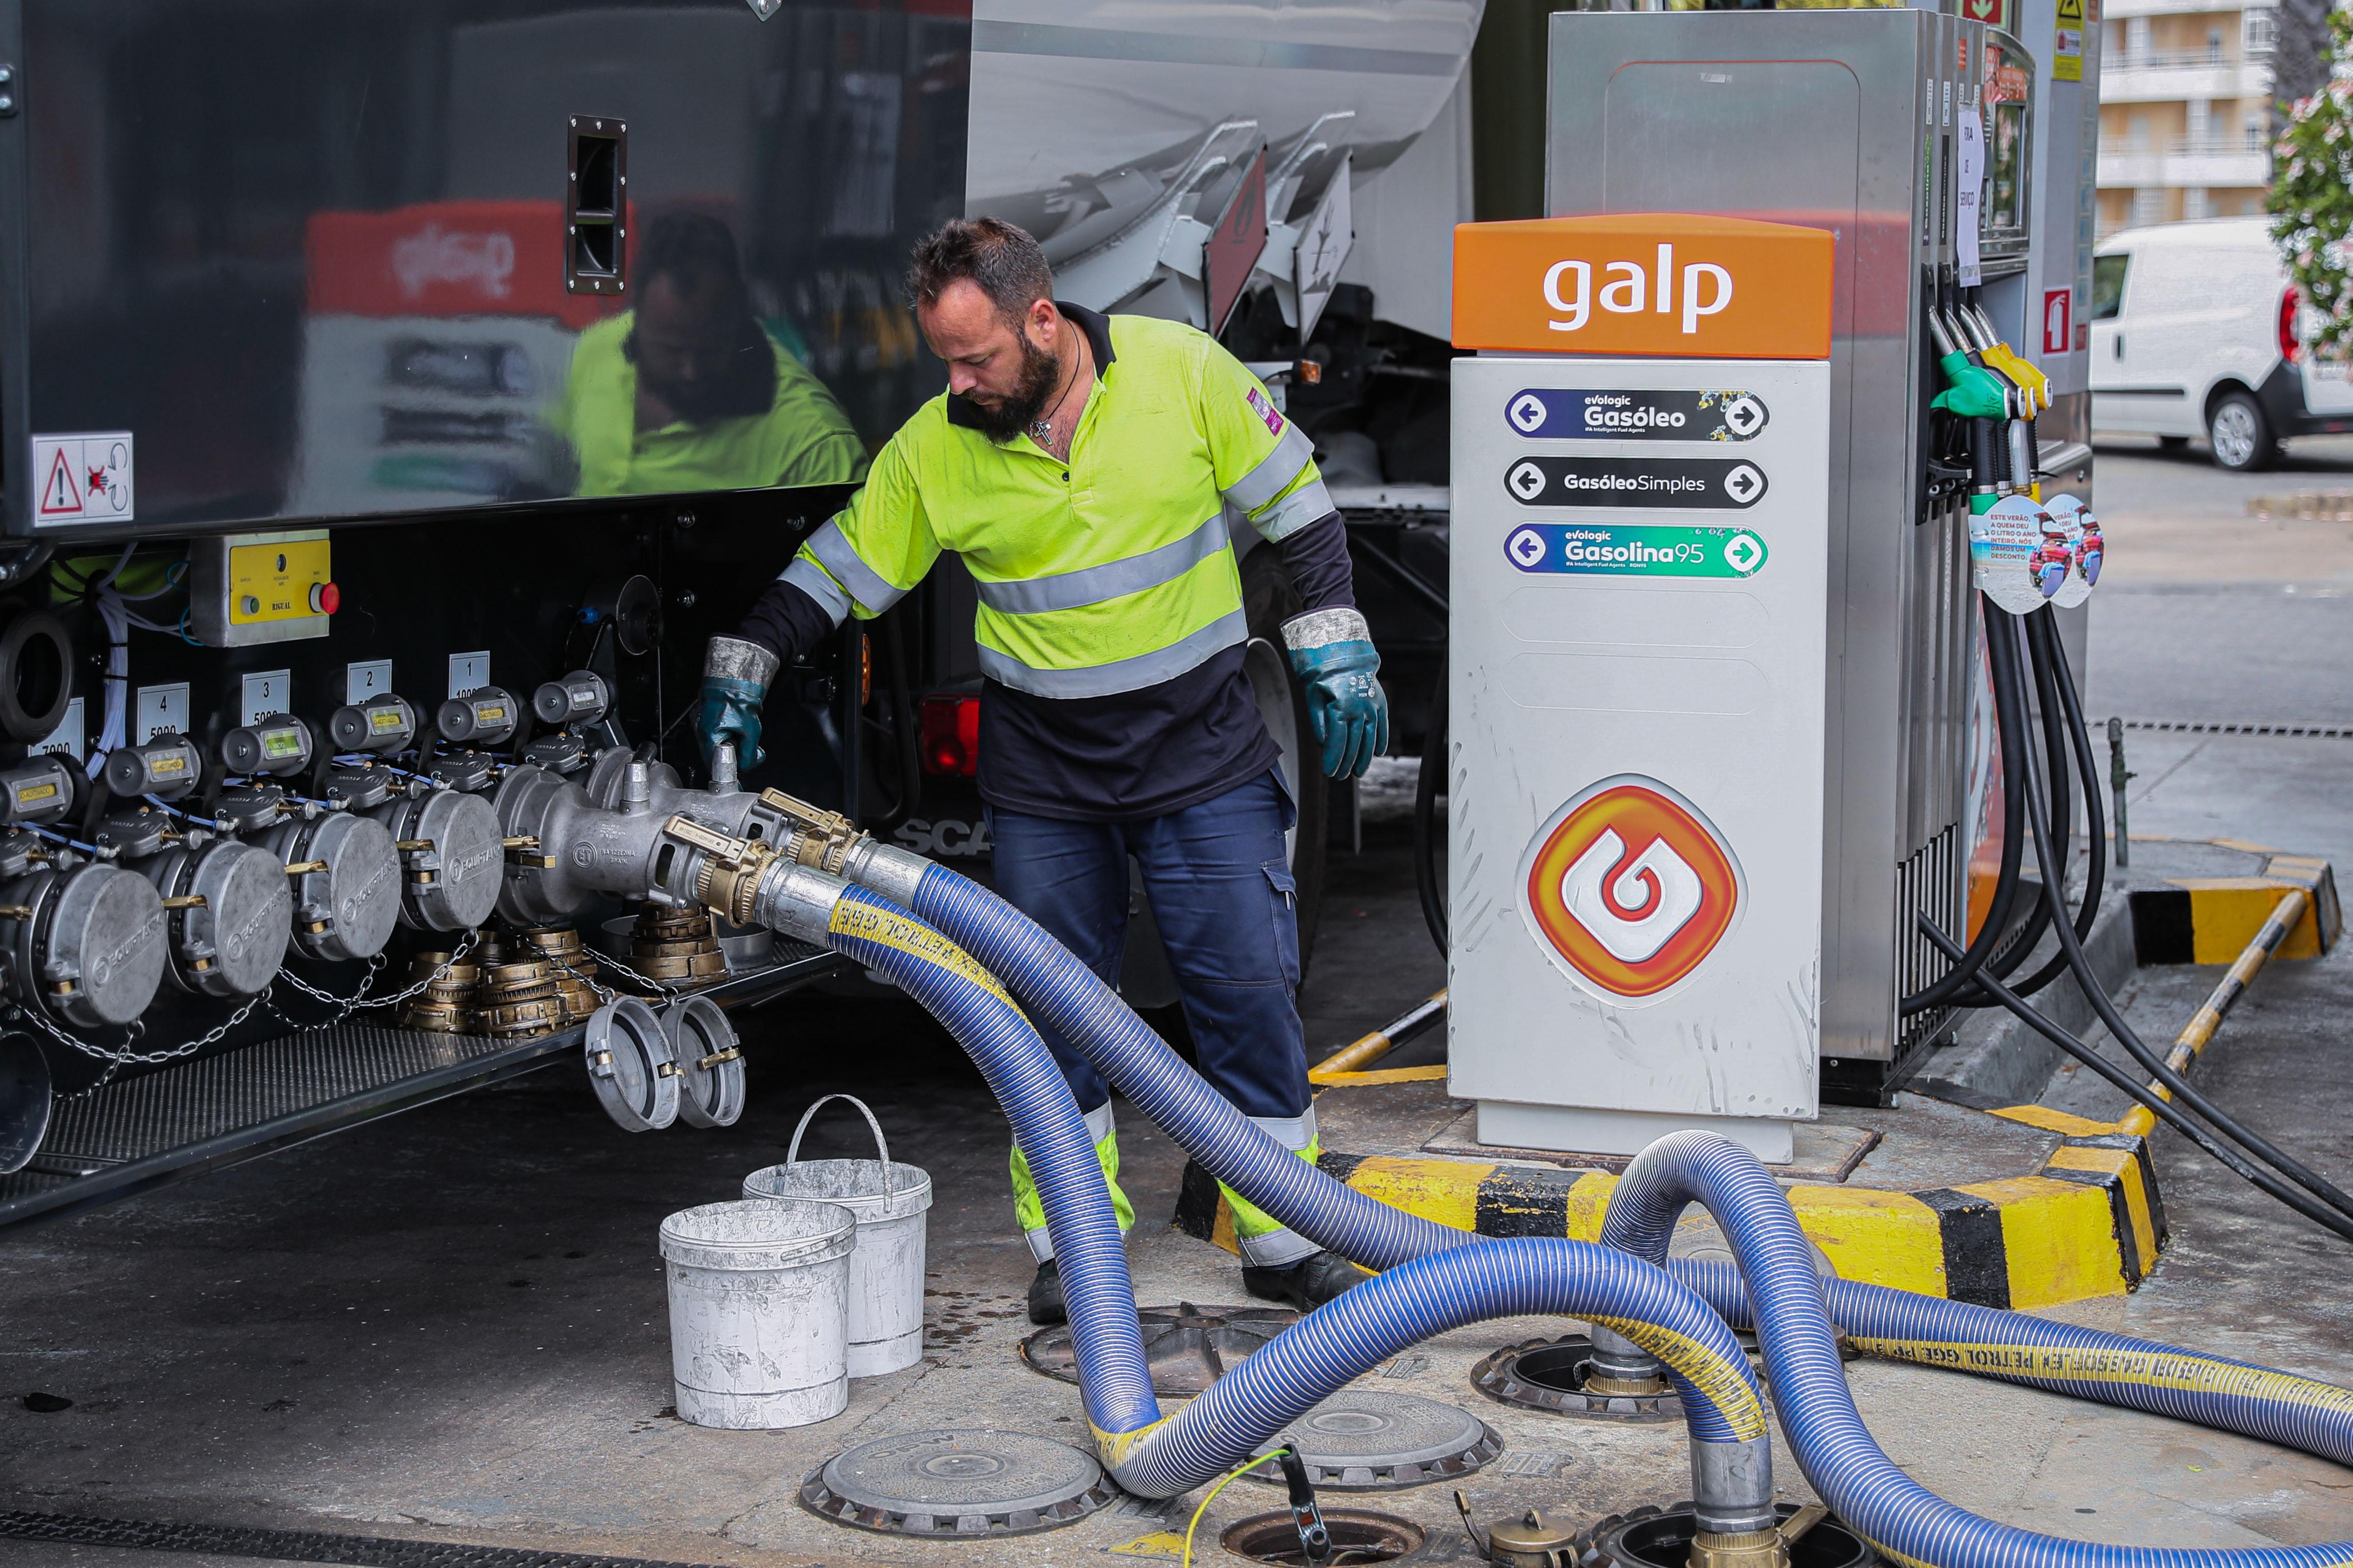 Greve dos motoristas já está a condicionar stocks de combustível em alguns postos de abastecimento